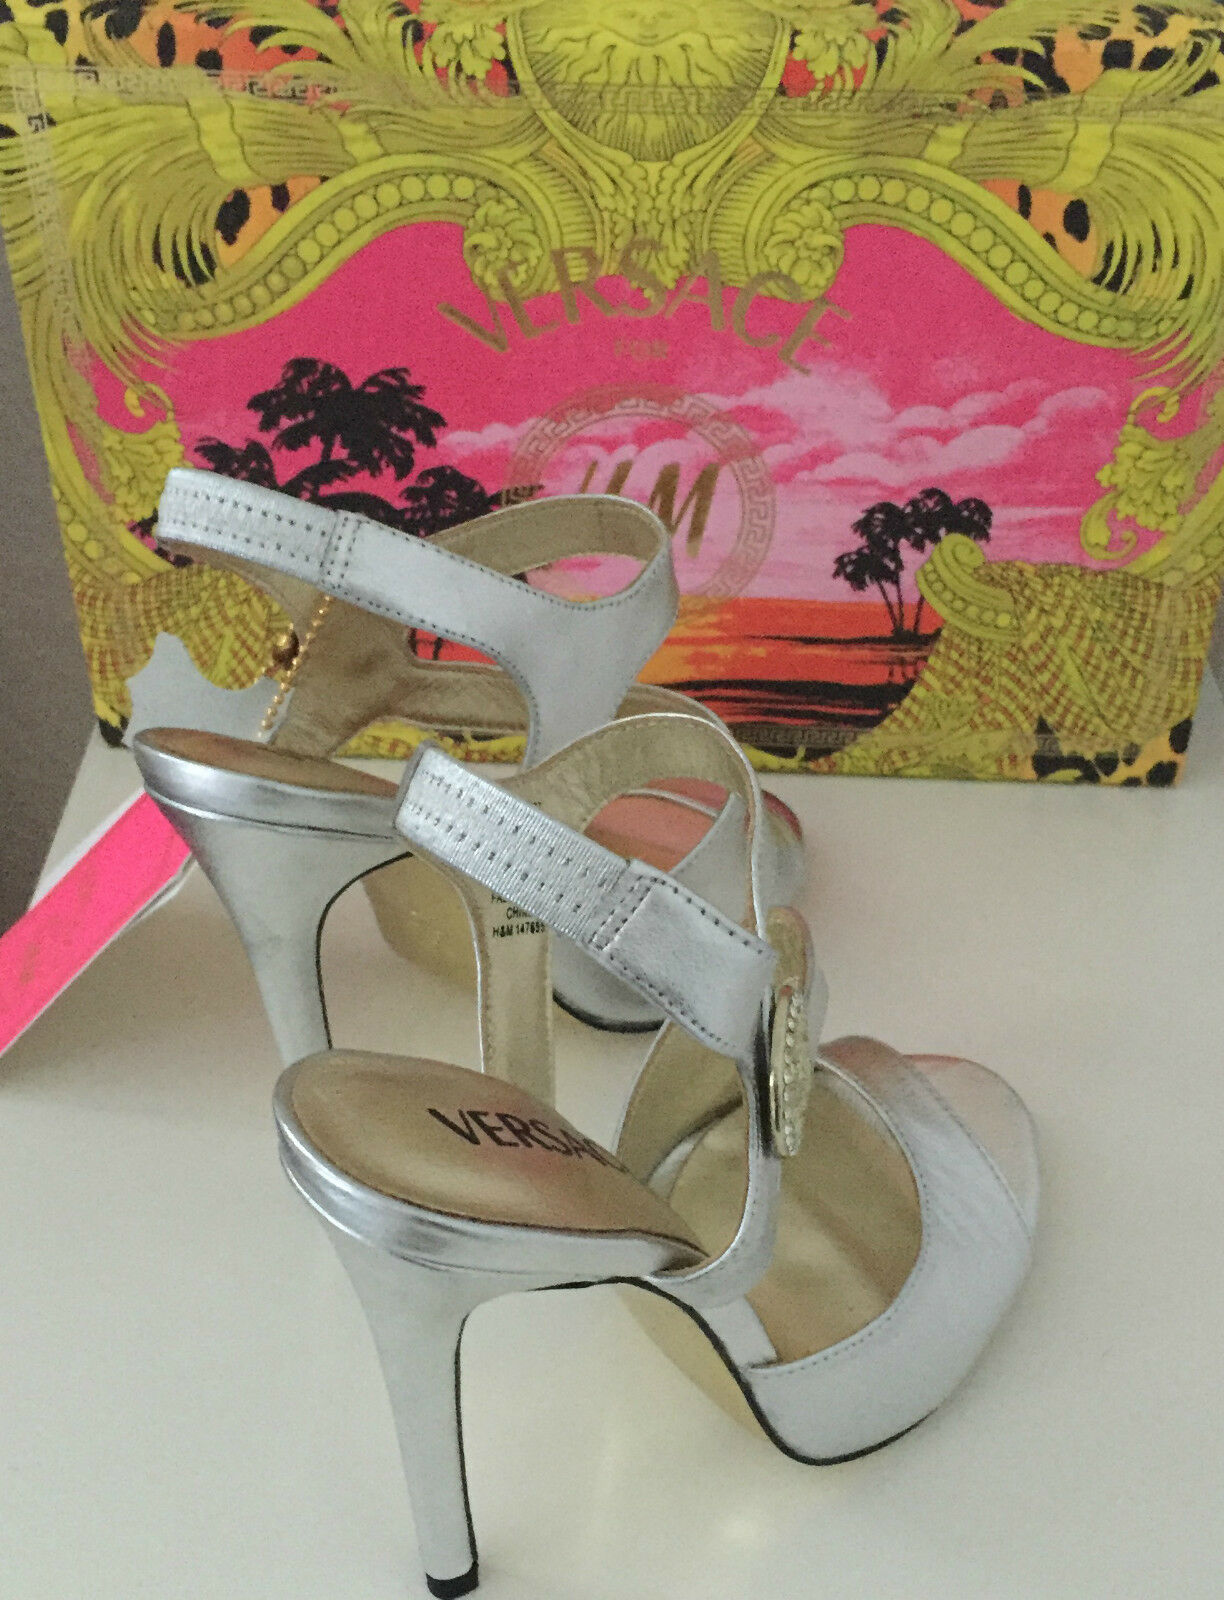 Versace stilettos tacón alto zapatos plata EUR 37 37 37 38 39 40 us 6 7 8 9 UK 4 5 6 7  bajo precio del 40%